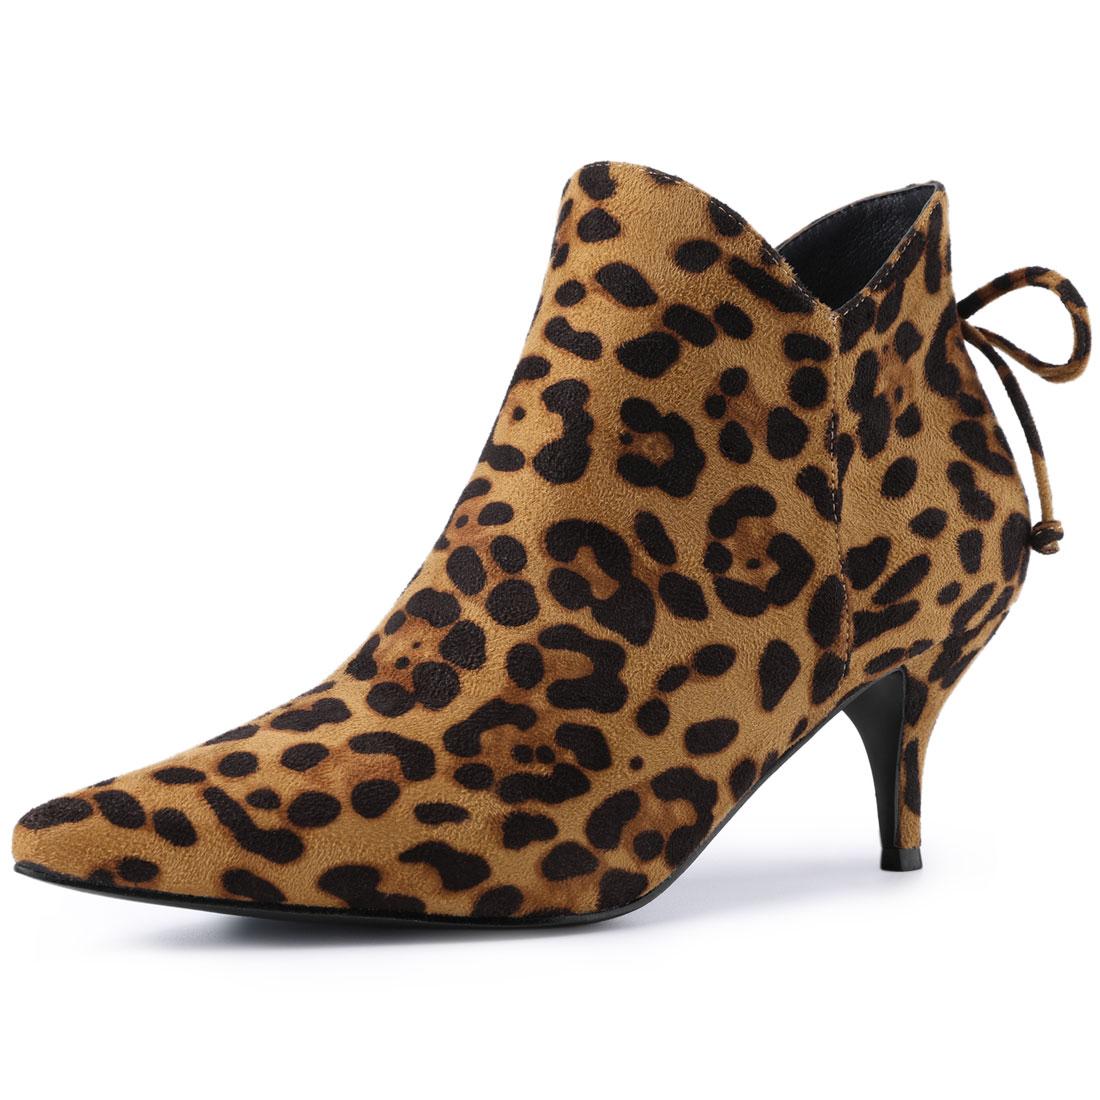 Women's Pointed Toe Kitten Heel Ankle